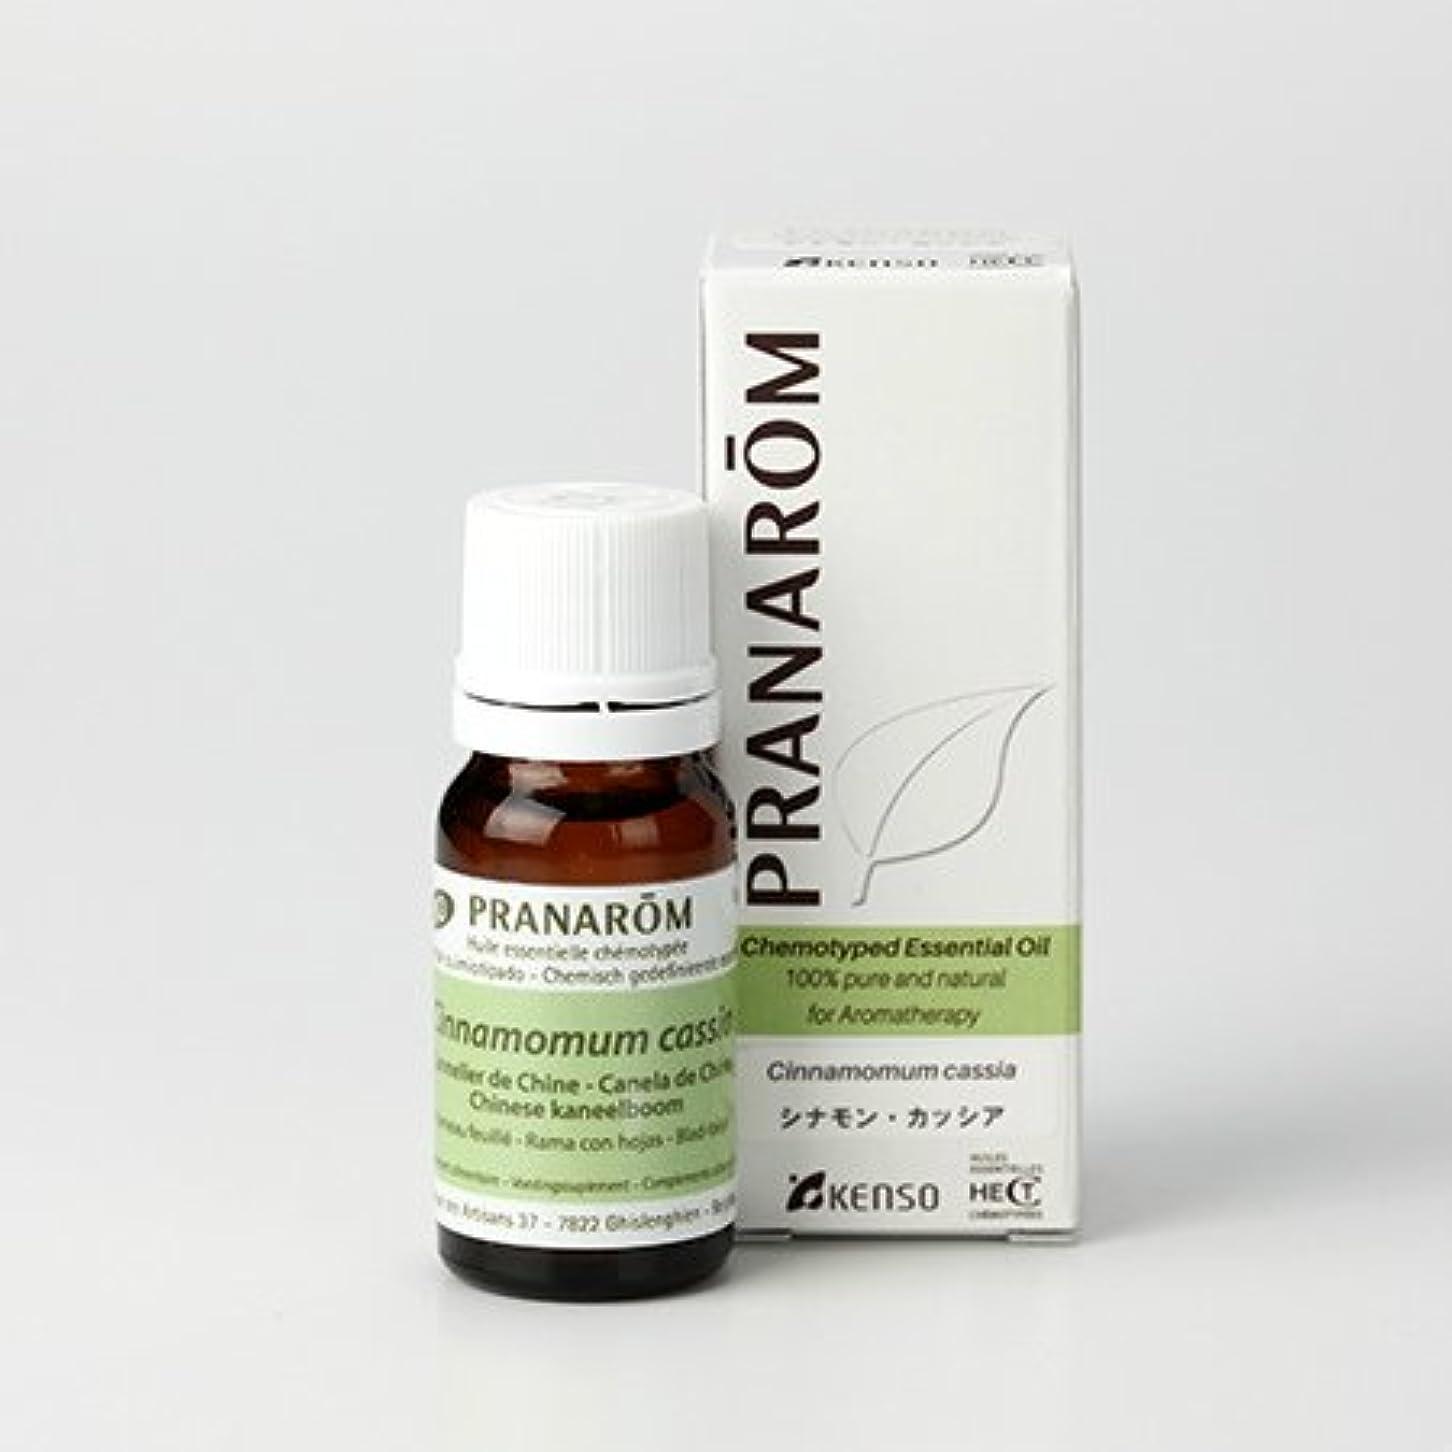 回転お祝い本プラナロム シナモンカッシア 10ml (PRANAROM ケモタイプ精油)